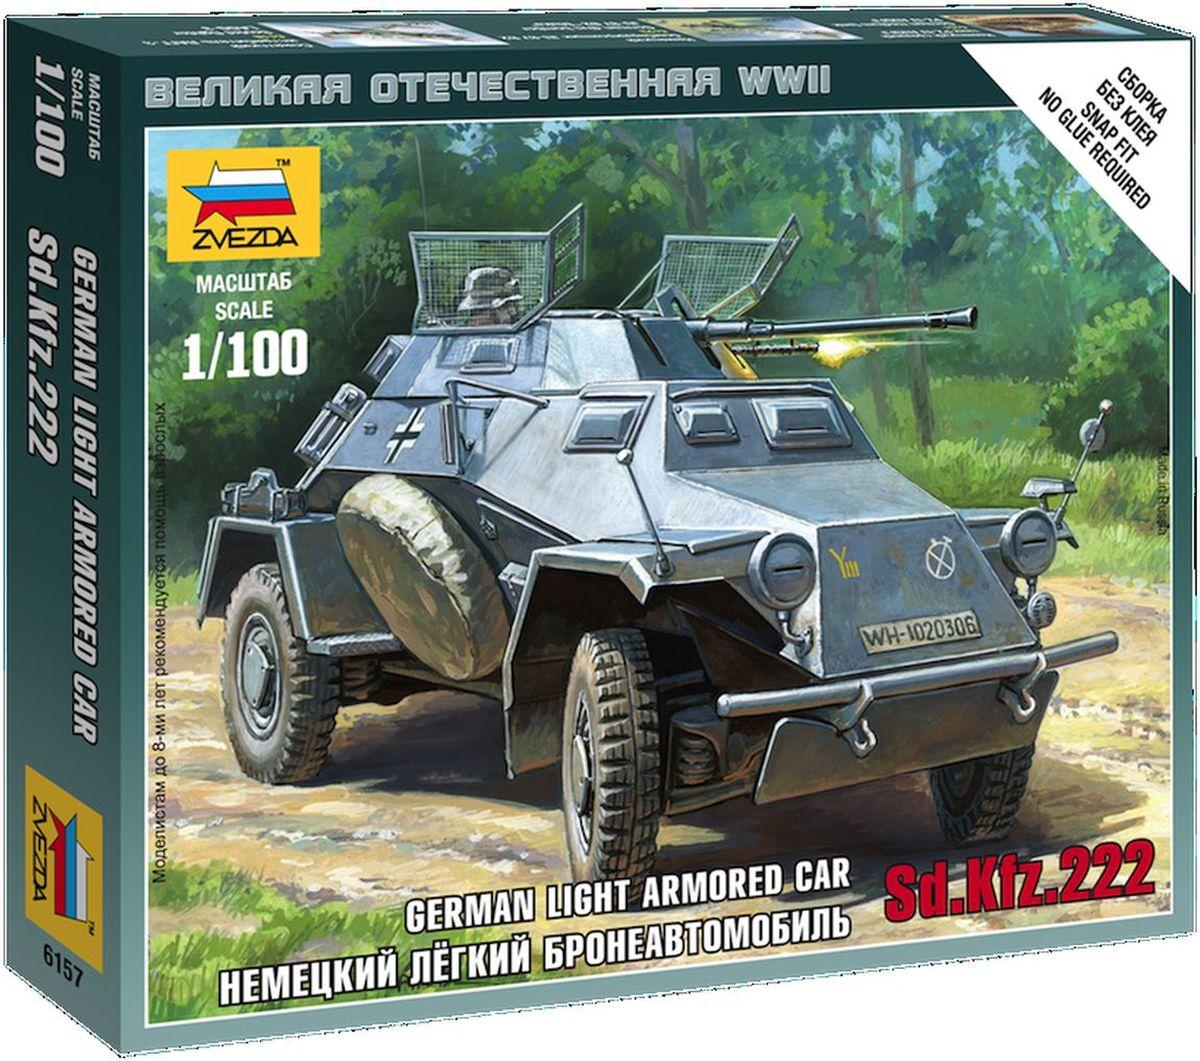 Звезда Сборная модель Немецкий бронеавтомобиль Sd Kfz 222